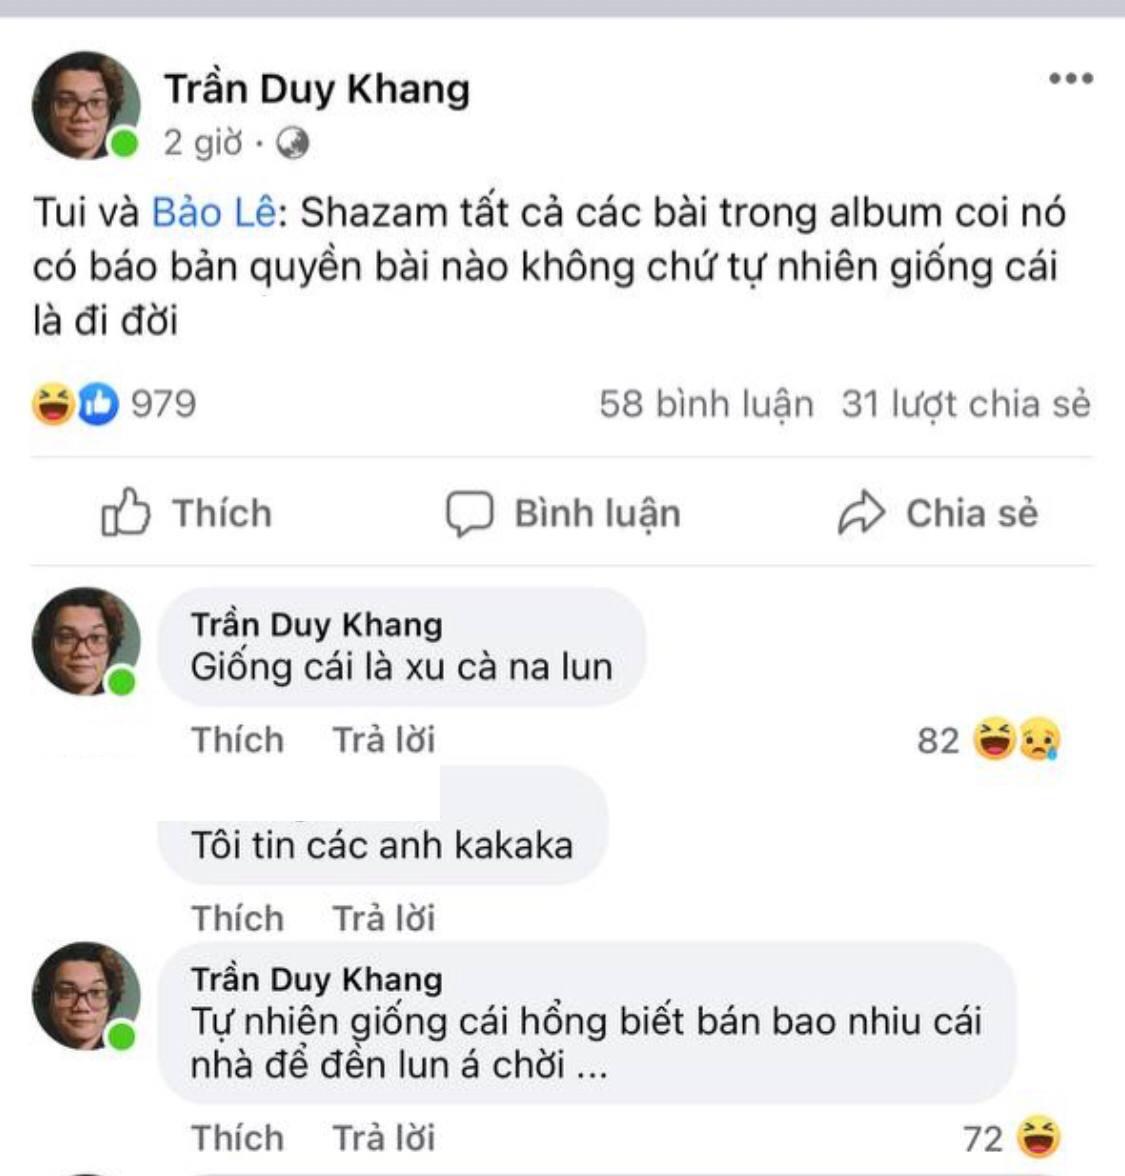 Trước lùm xùm của Sơn Tùng M-TP, Addy Trần khẳng định có thể tìm 100 beat giống 1 beat, thành viên Chillies cũng ẩn ý bênh vực - Ảnh 6.